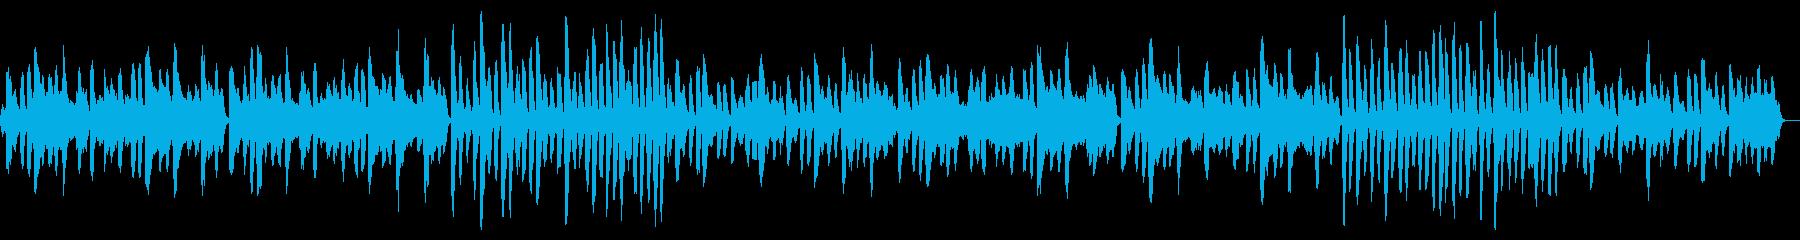 ピアノとチェロをフィーチャーした軽...の再生済みの波形